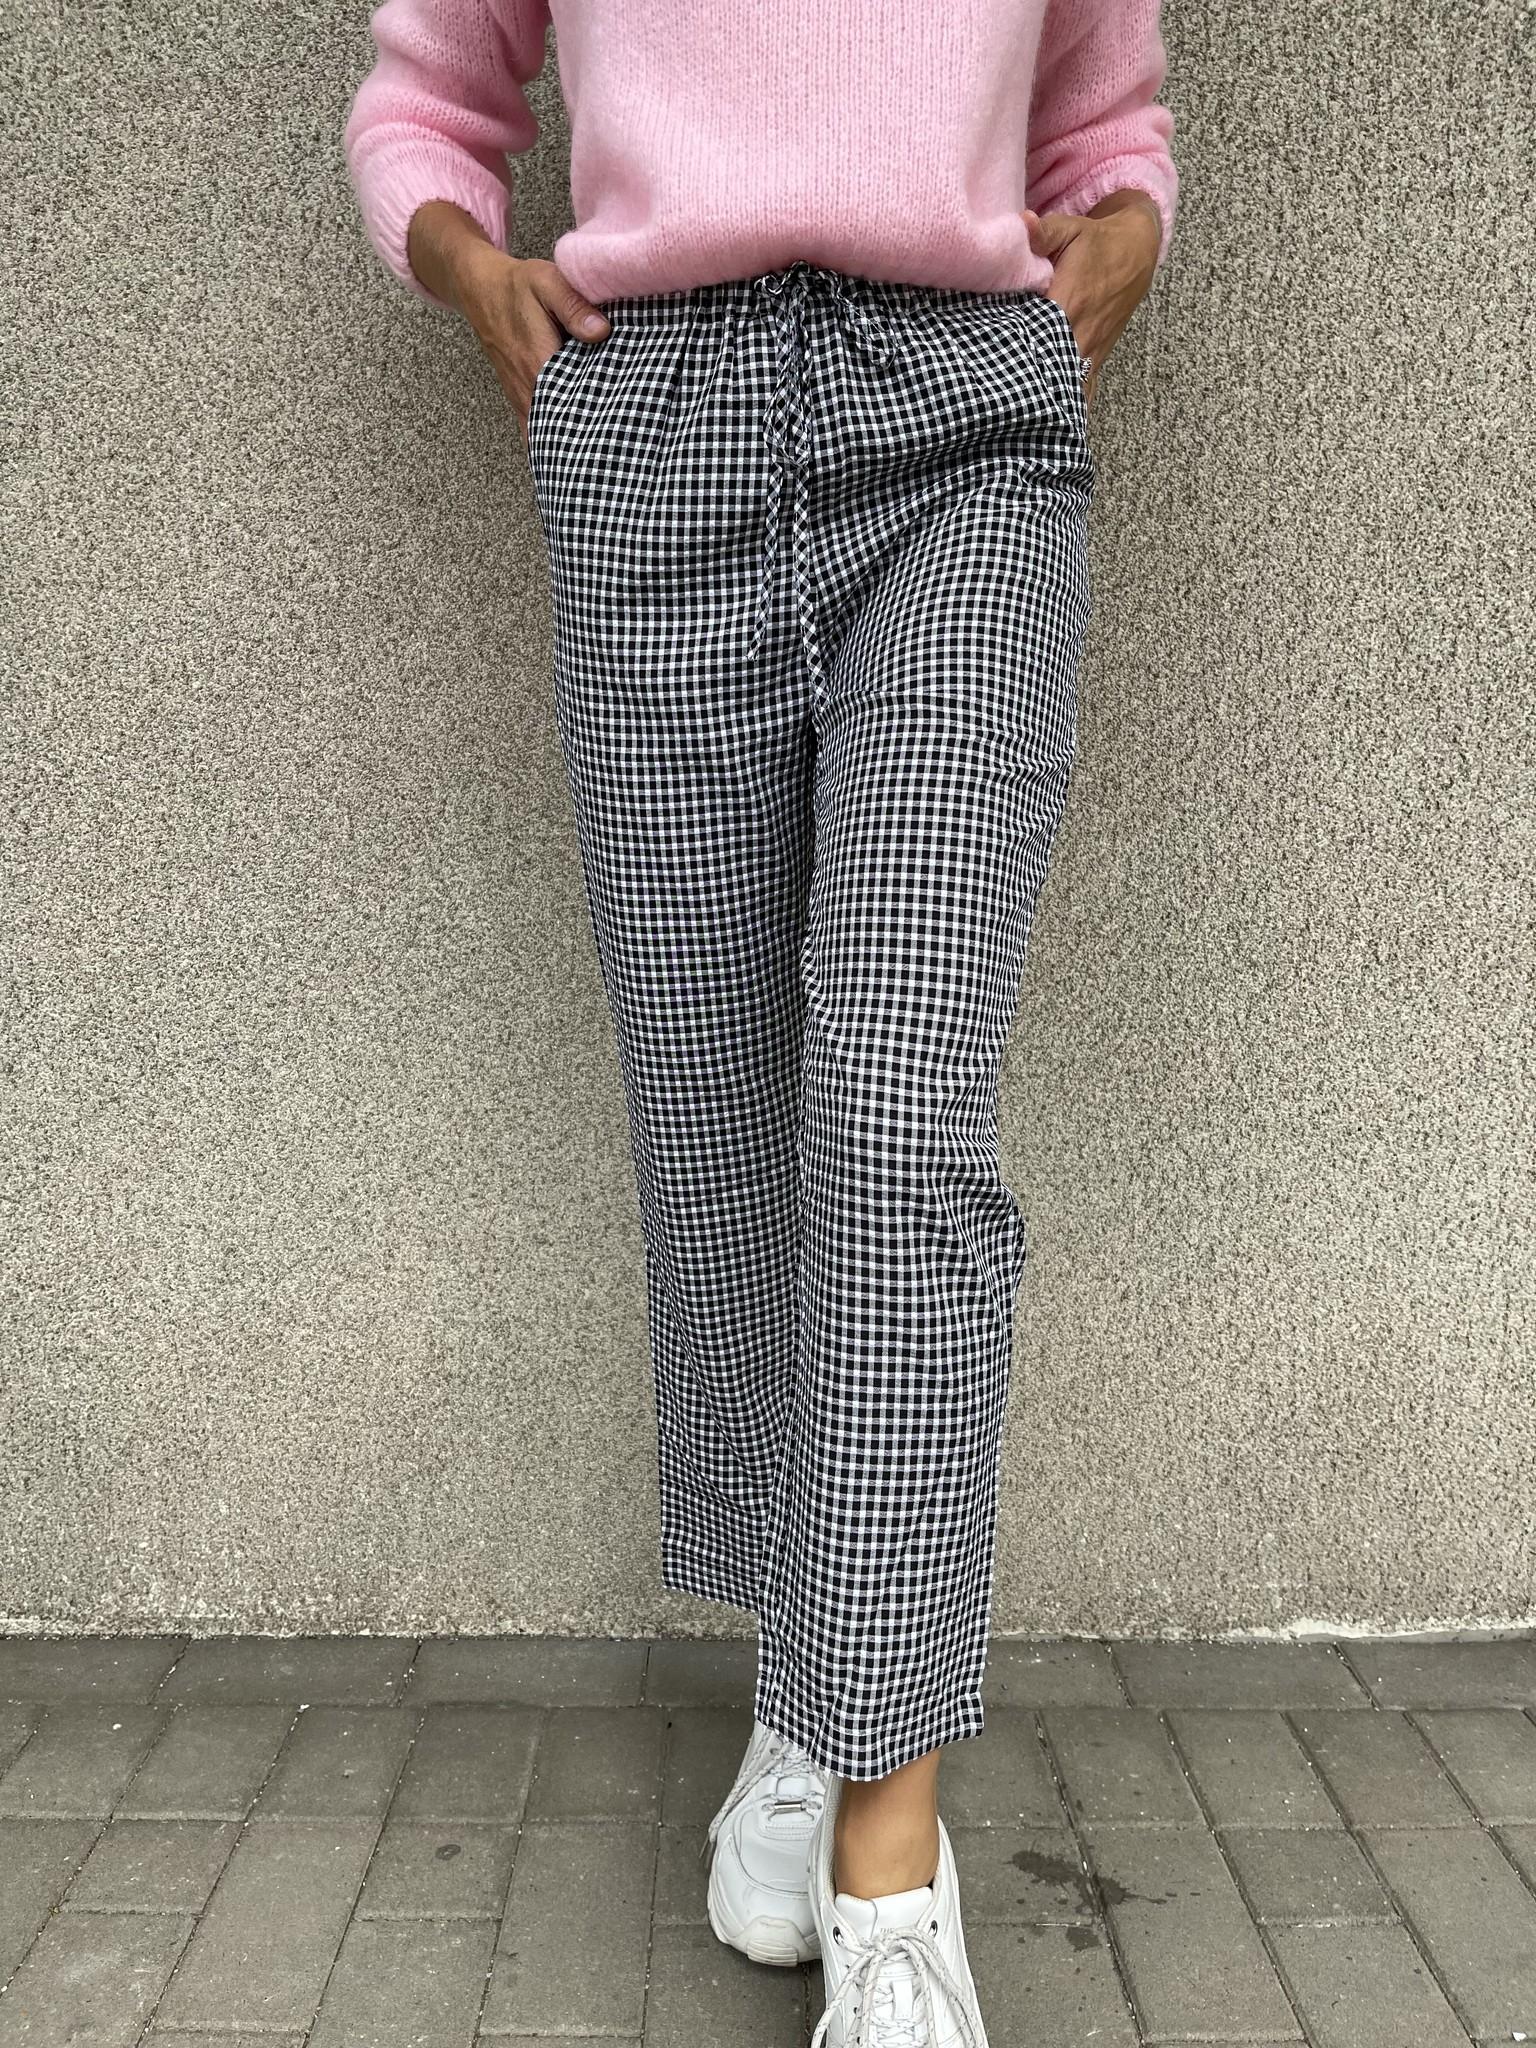 JOHN pantalon-1